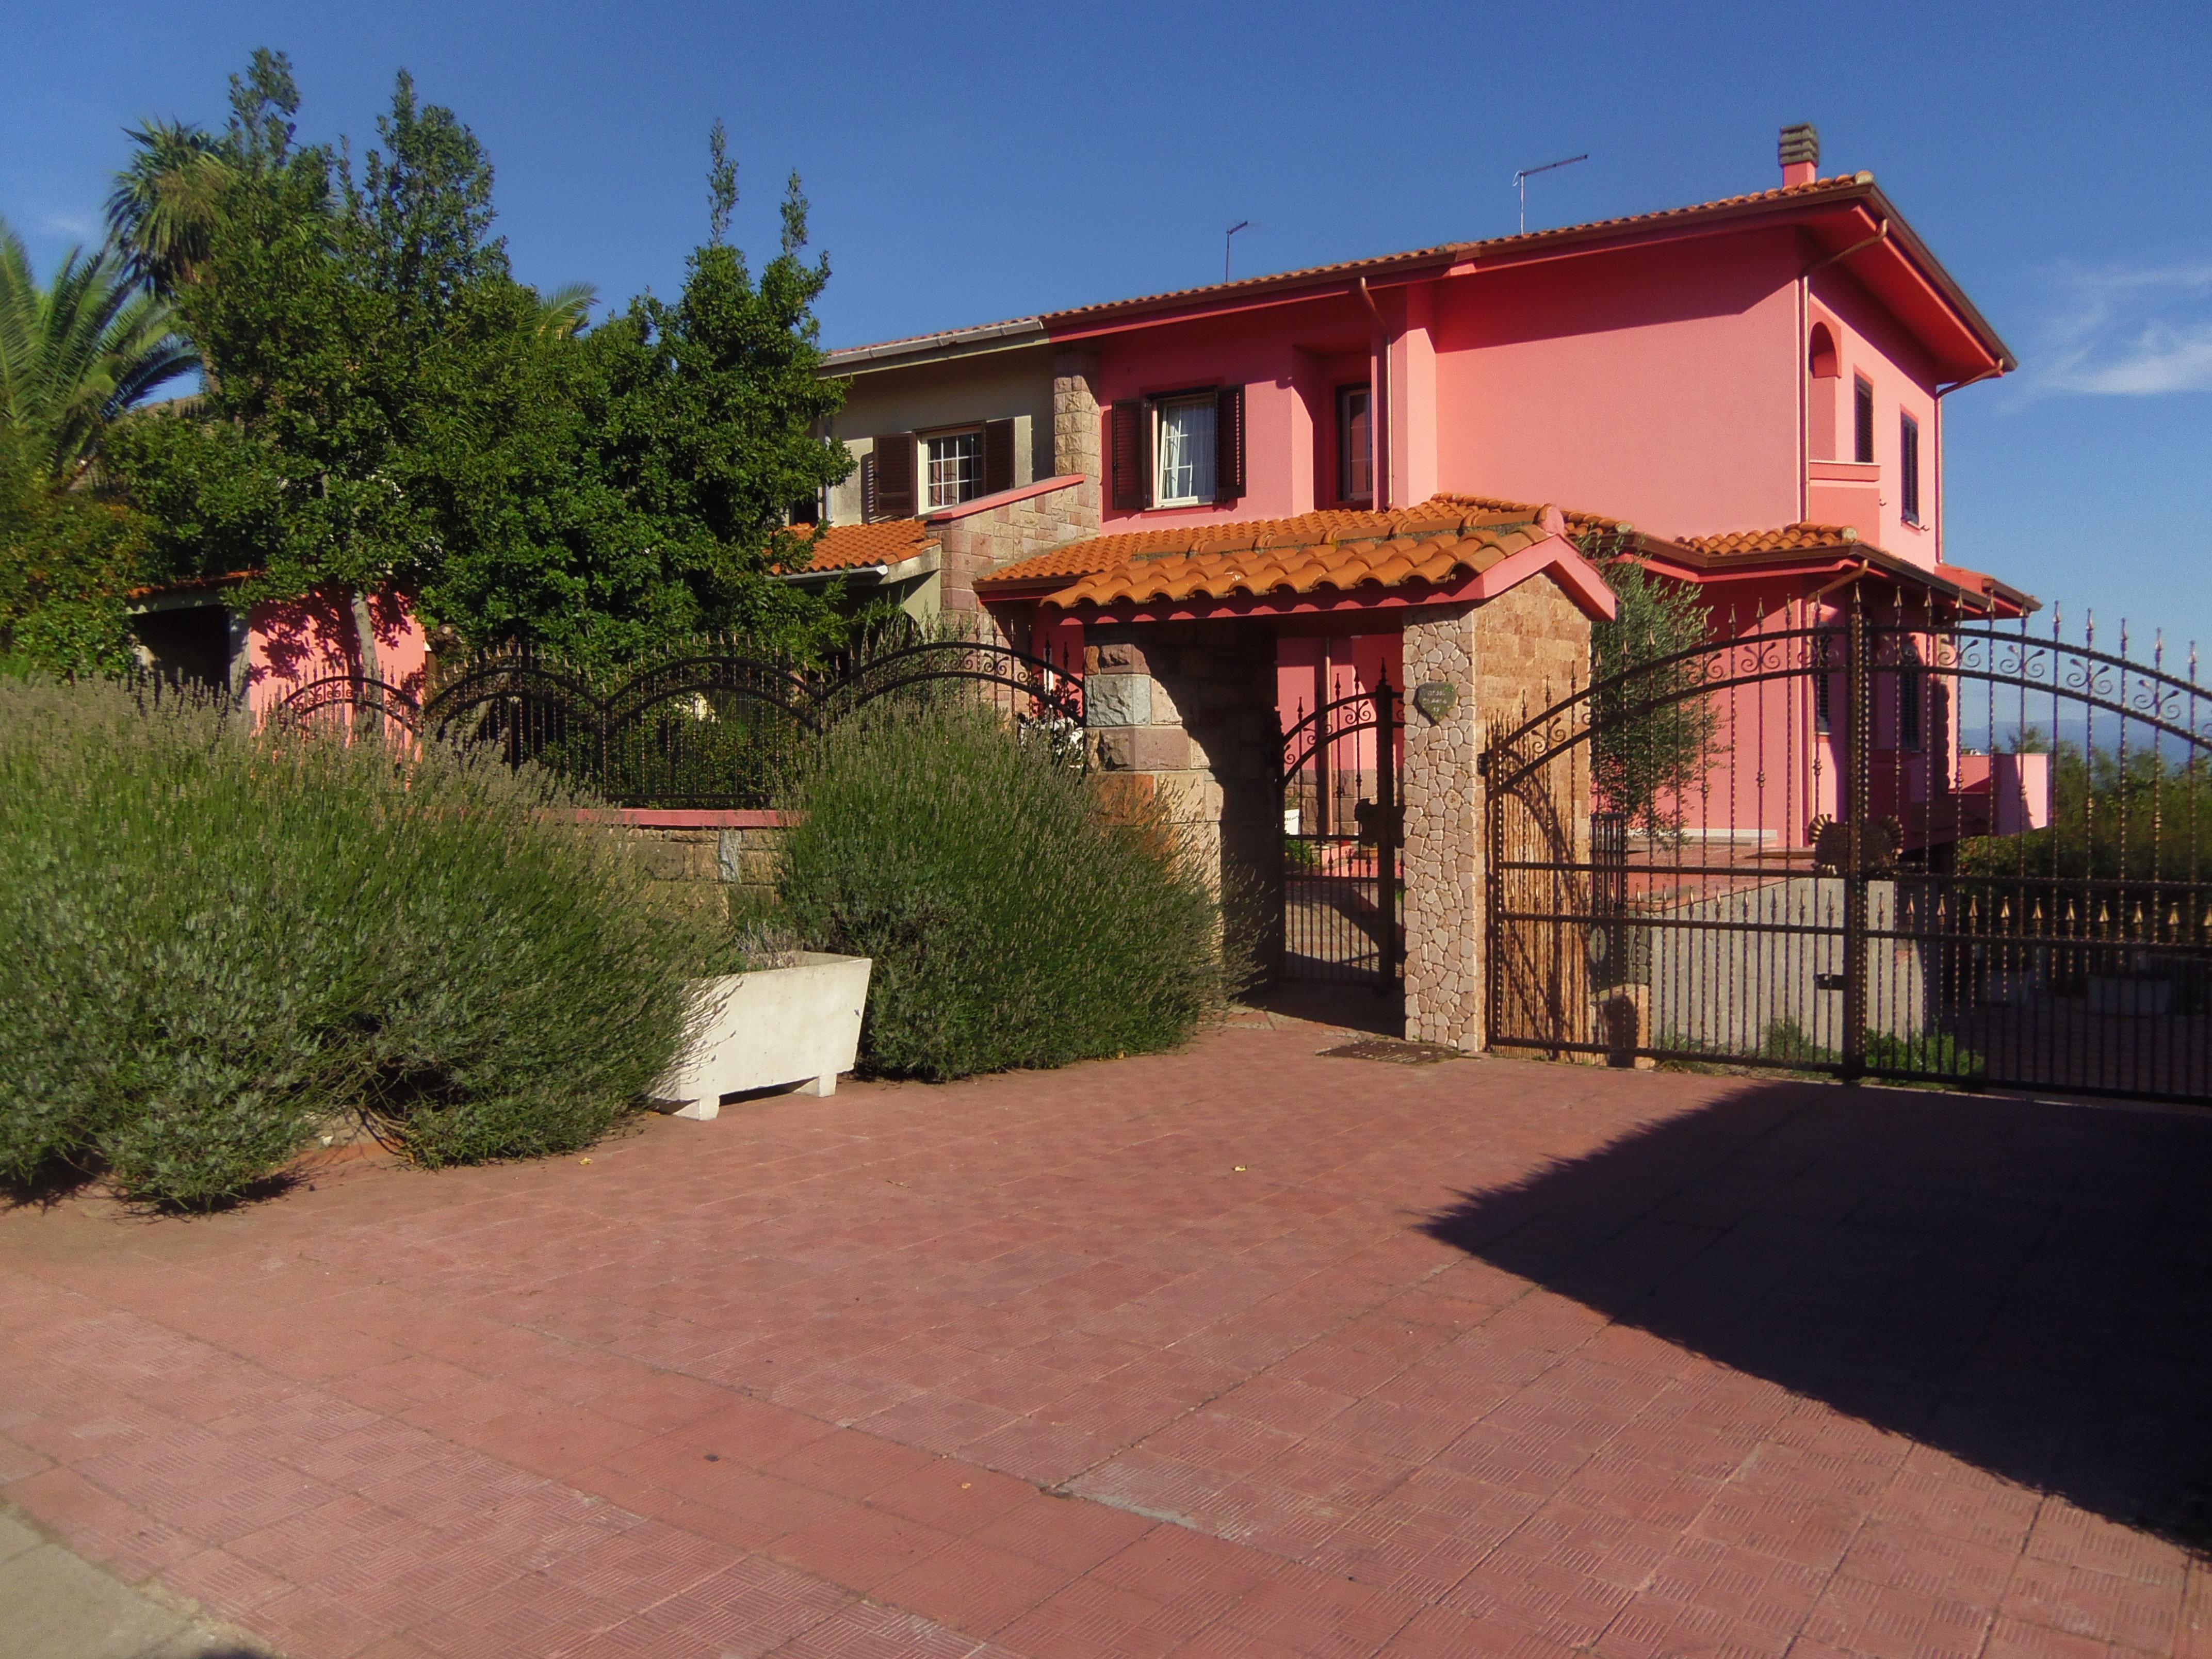 Villa in vendita a macomer nuoro riscaldamento autonomo for Garage autonomo